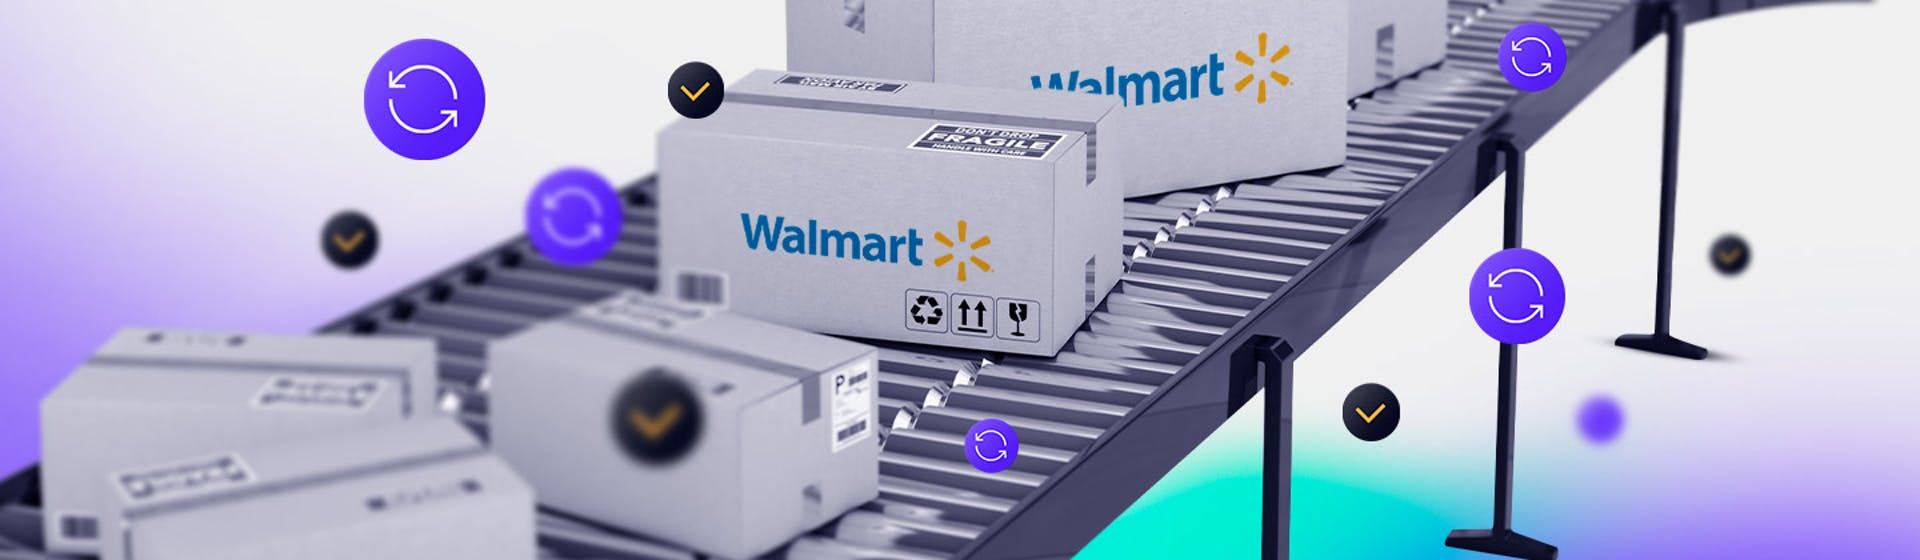 Cómo funciona la logística de Walmart: consejos y sugerencias para los retailers